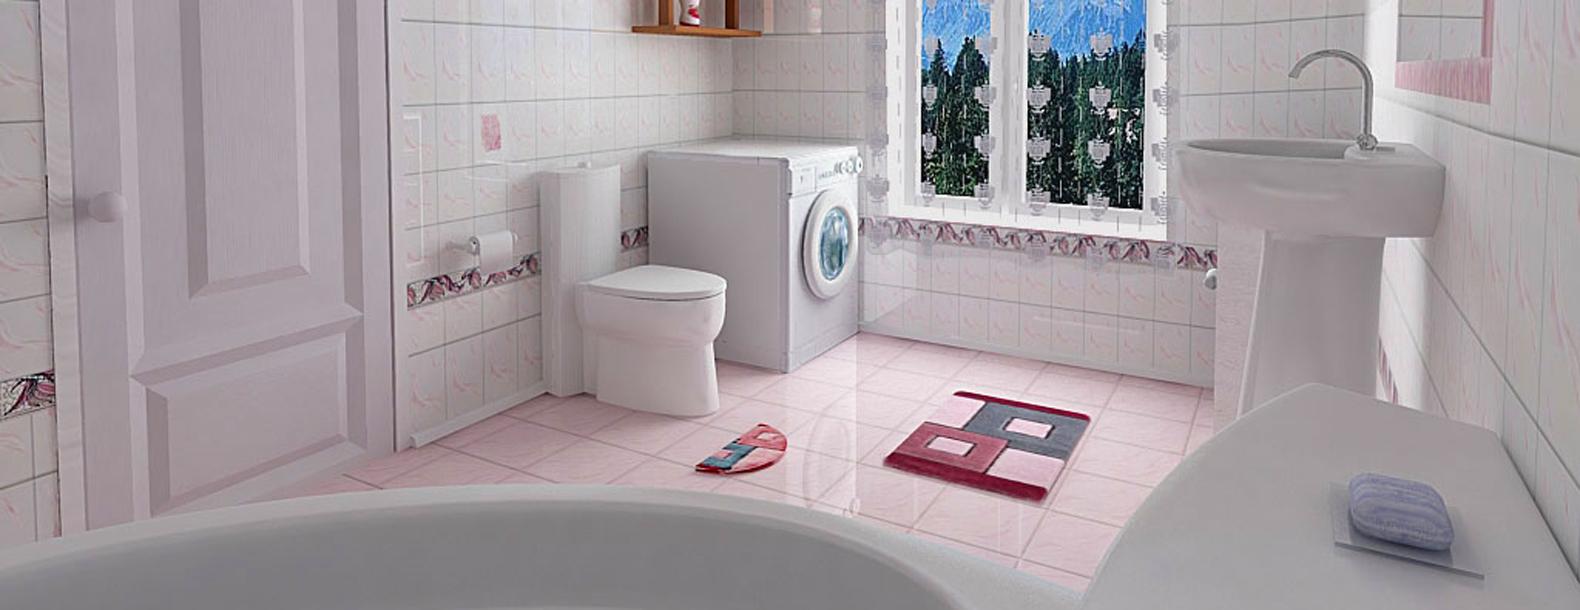 Đặc điểm nổi bật của thiết bị vệ sinh Cotto